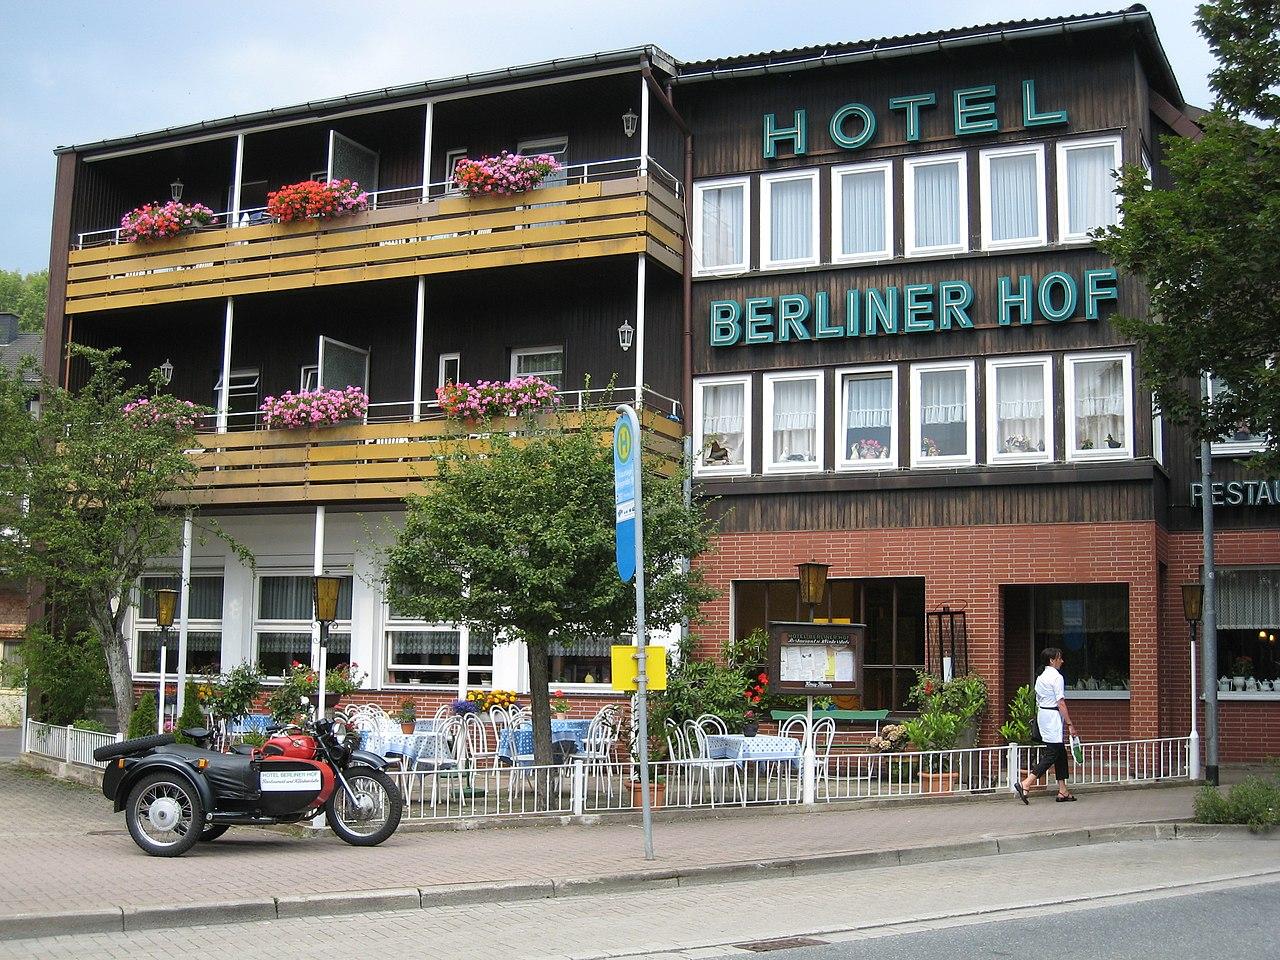 Berliner Hof Hotel Kiel